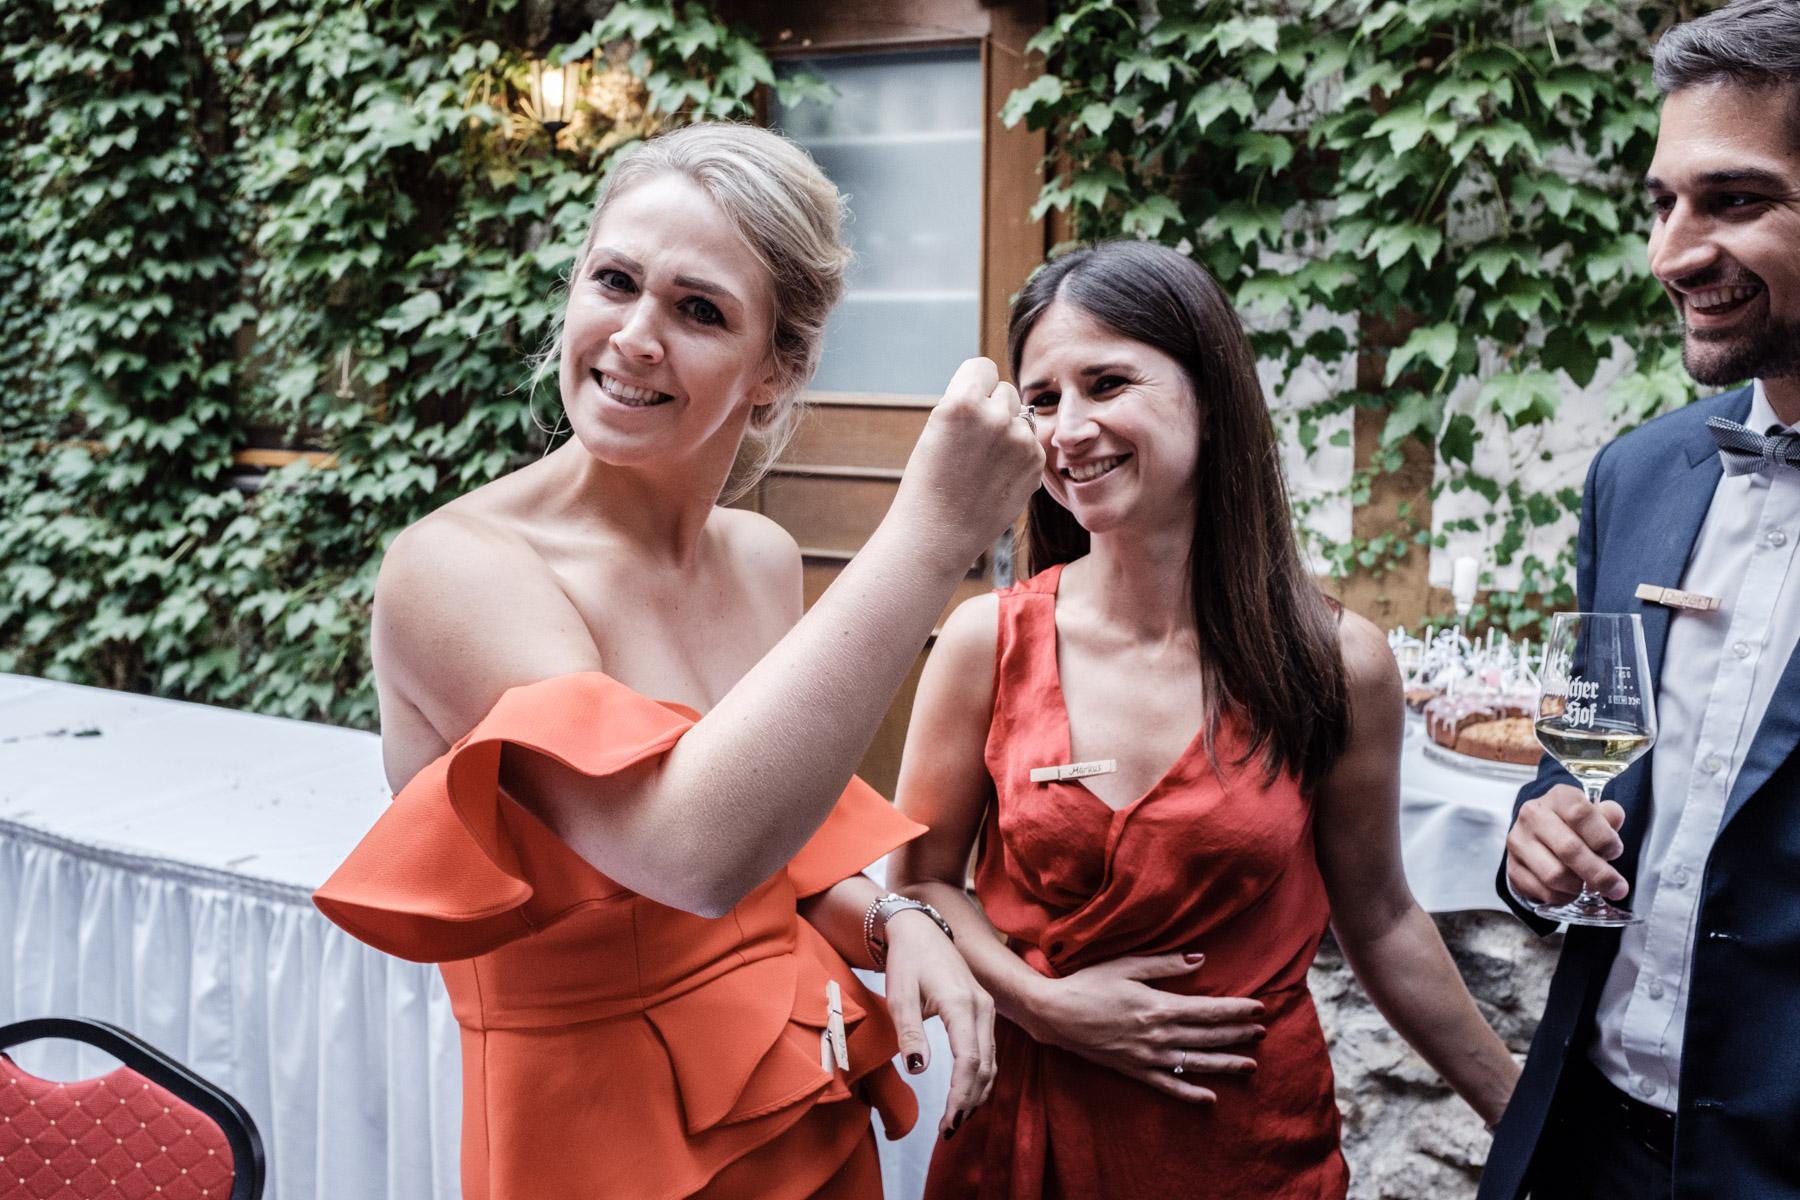 MartinLiebl_Kein_Hochzeitsfotograf_Blog_CWF_Bad_Neustadt_49.jpg